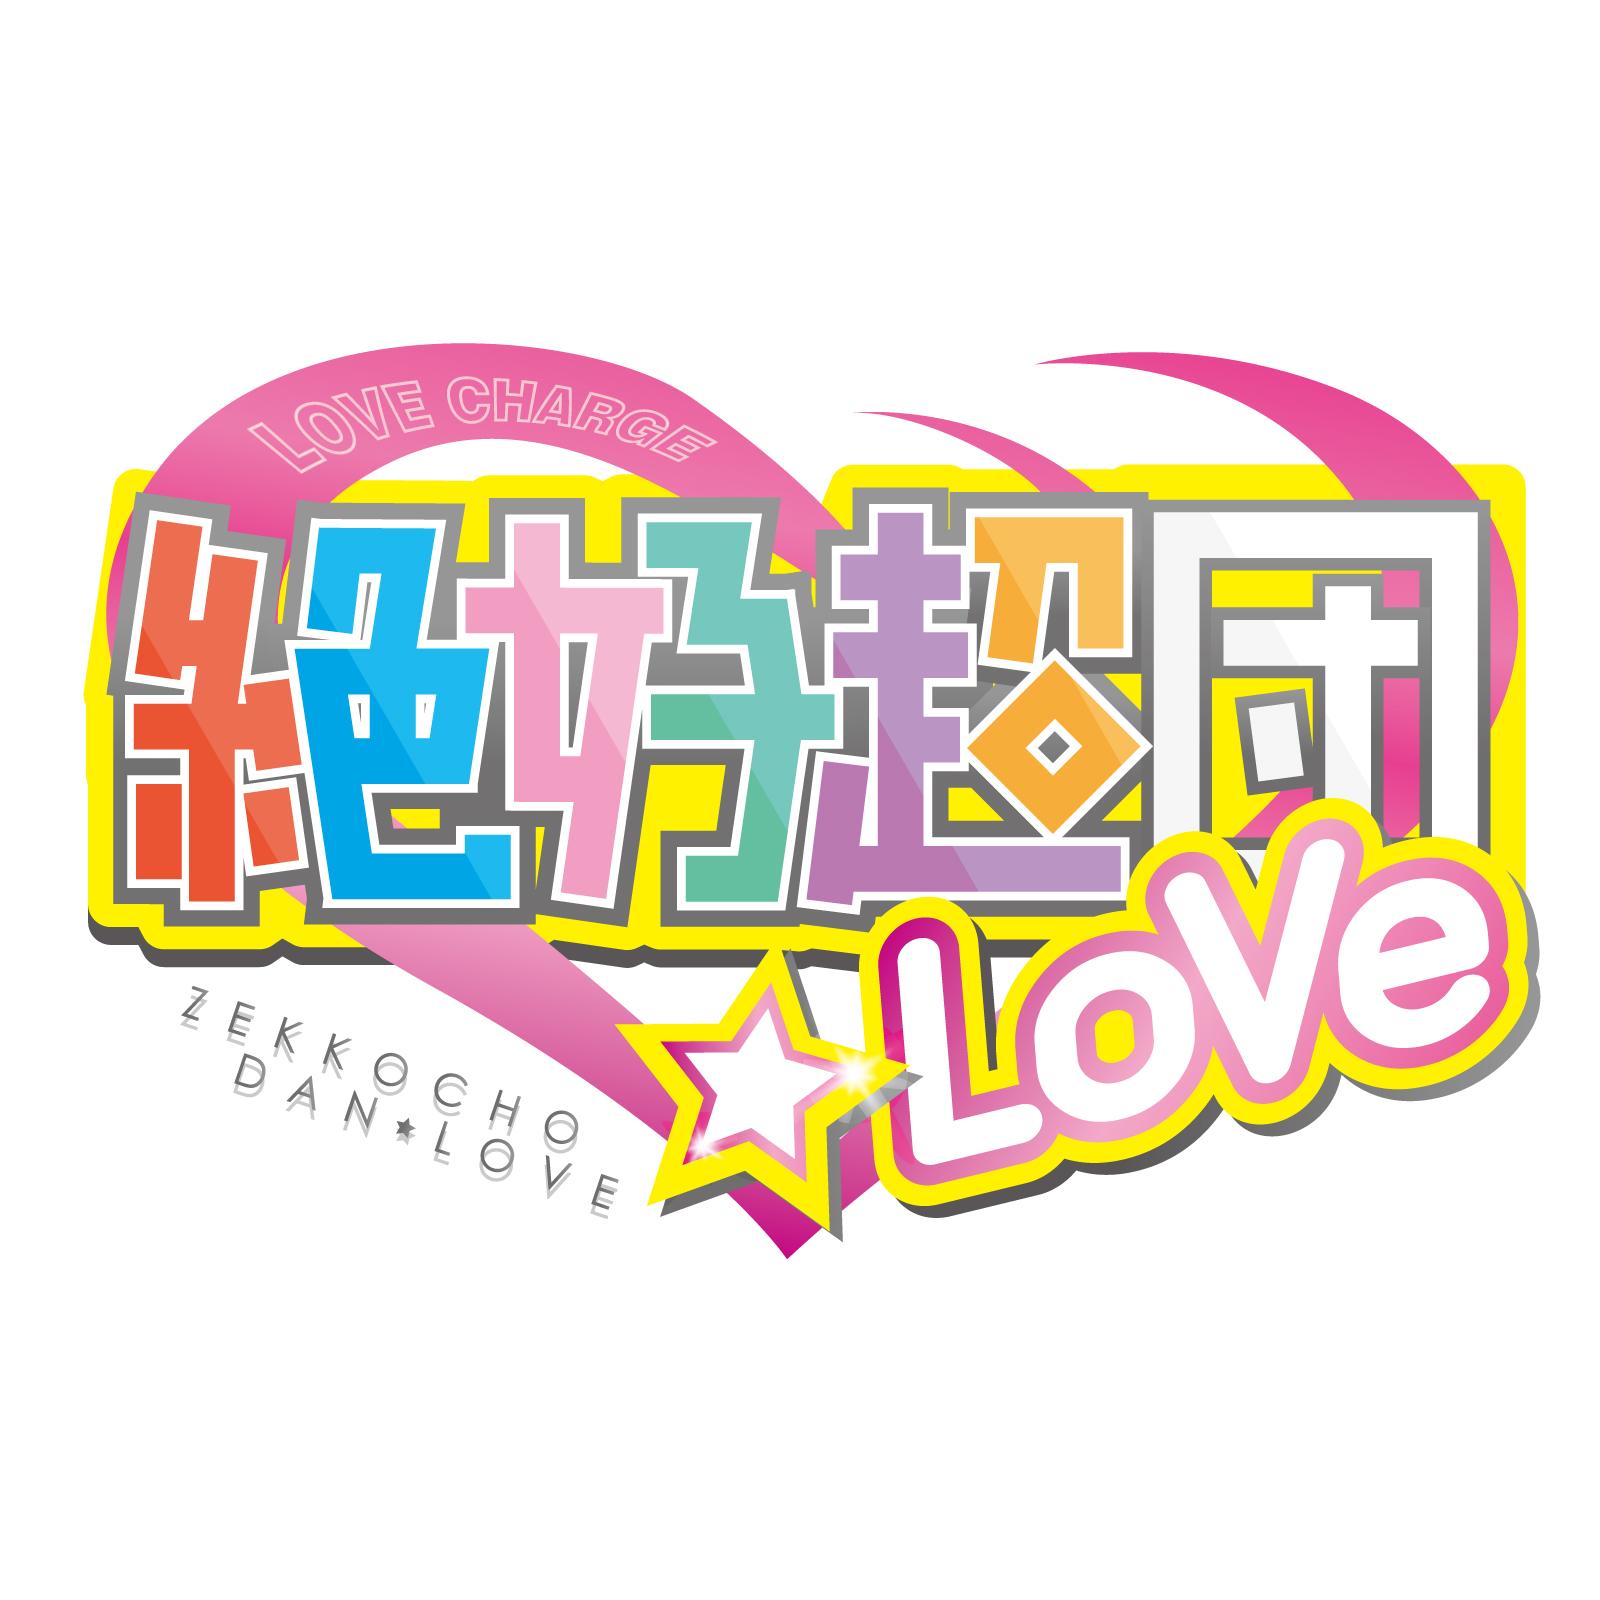 2018年9月21日(金) 「絶好超団☆LoVe 2ndワンマンライブ~Second Impact~」